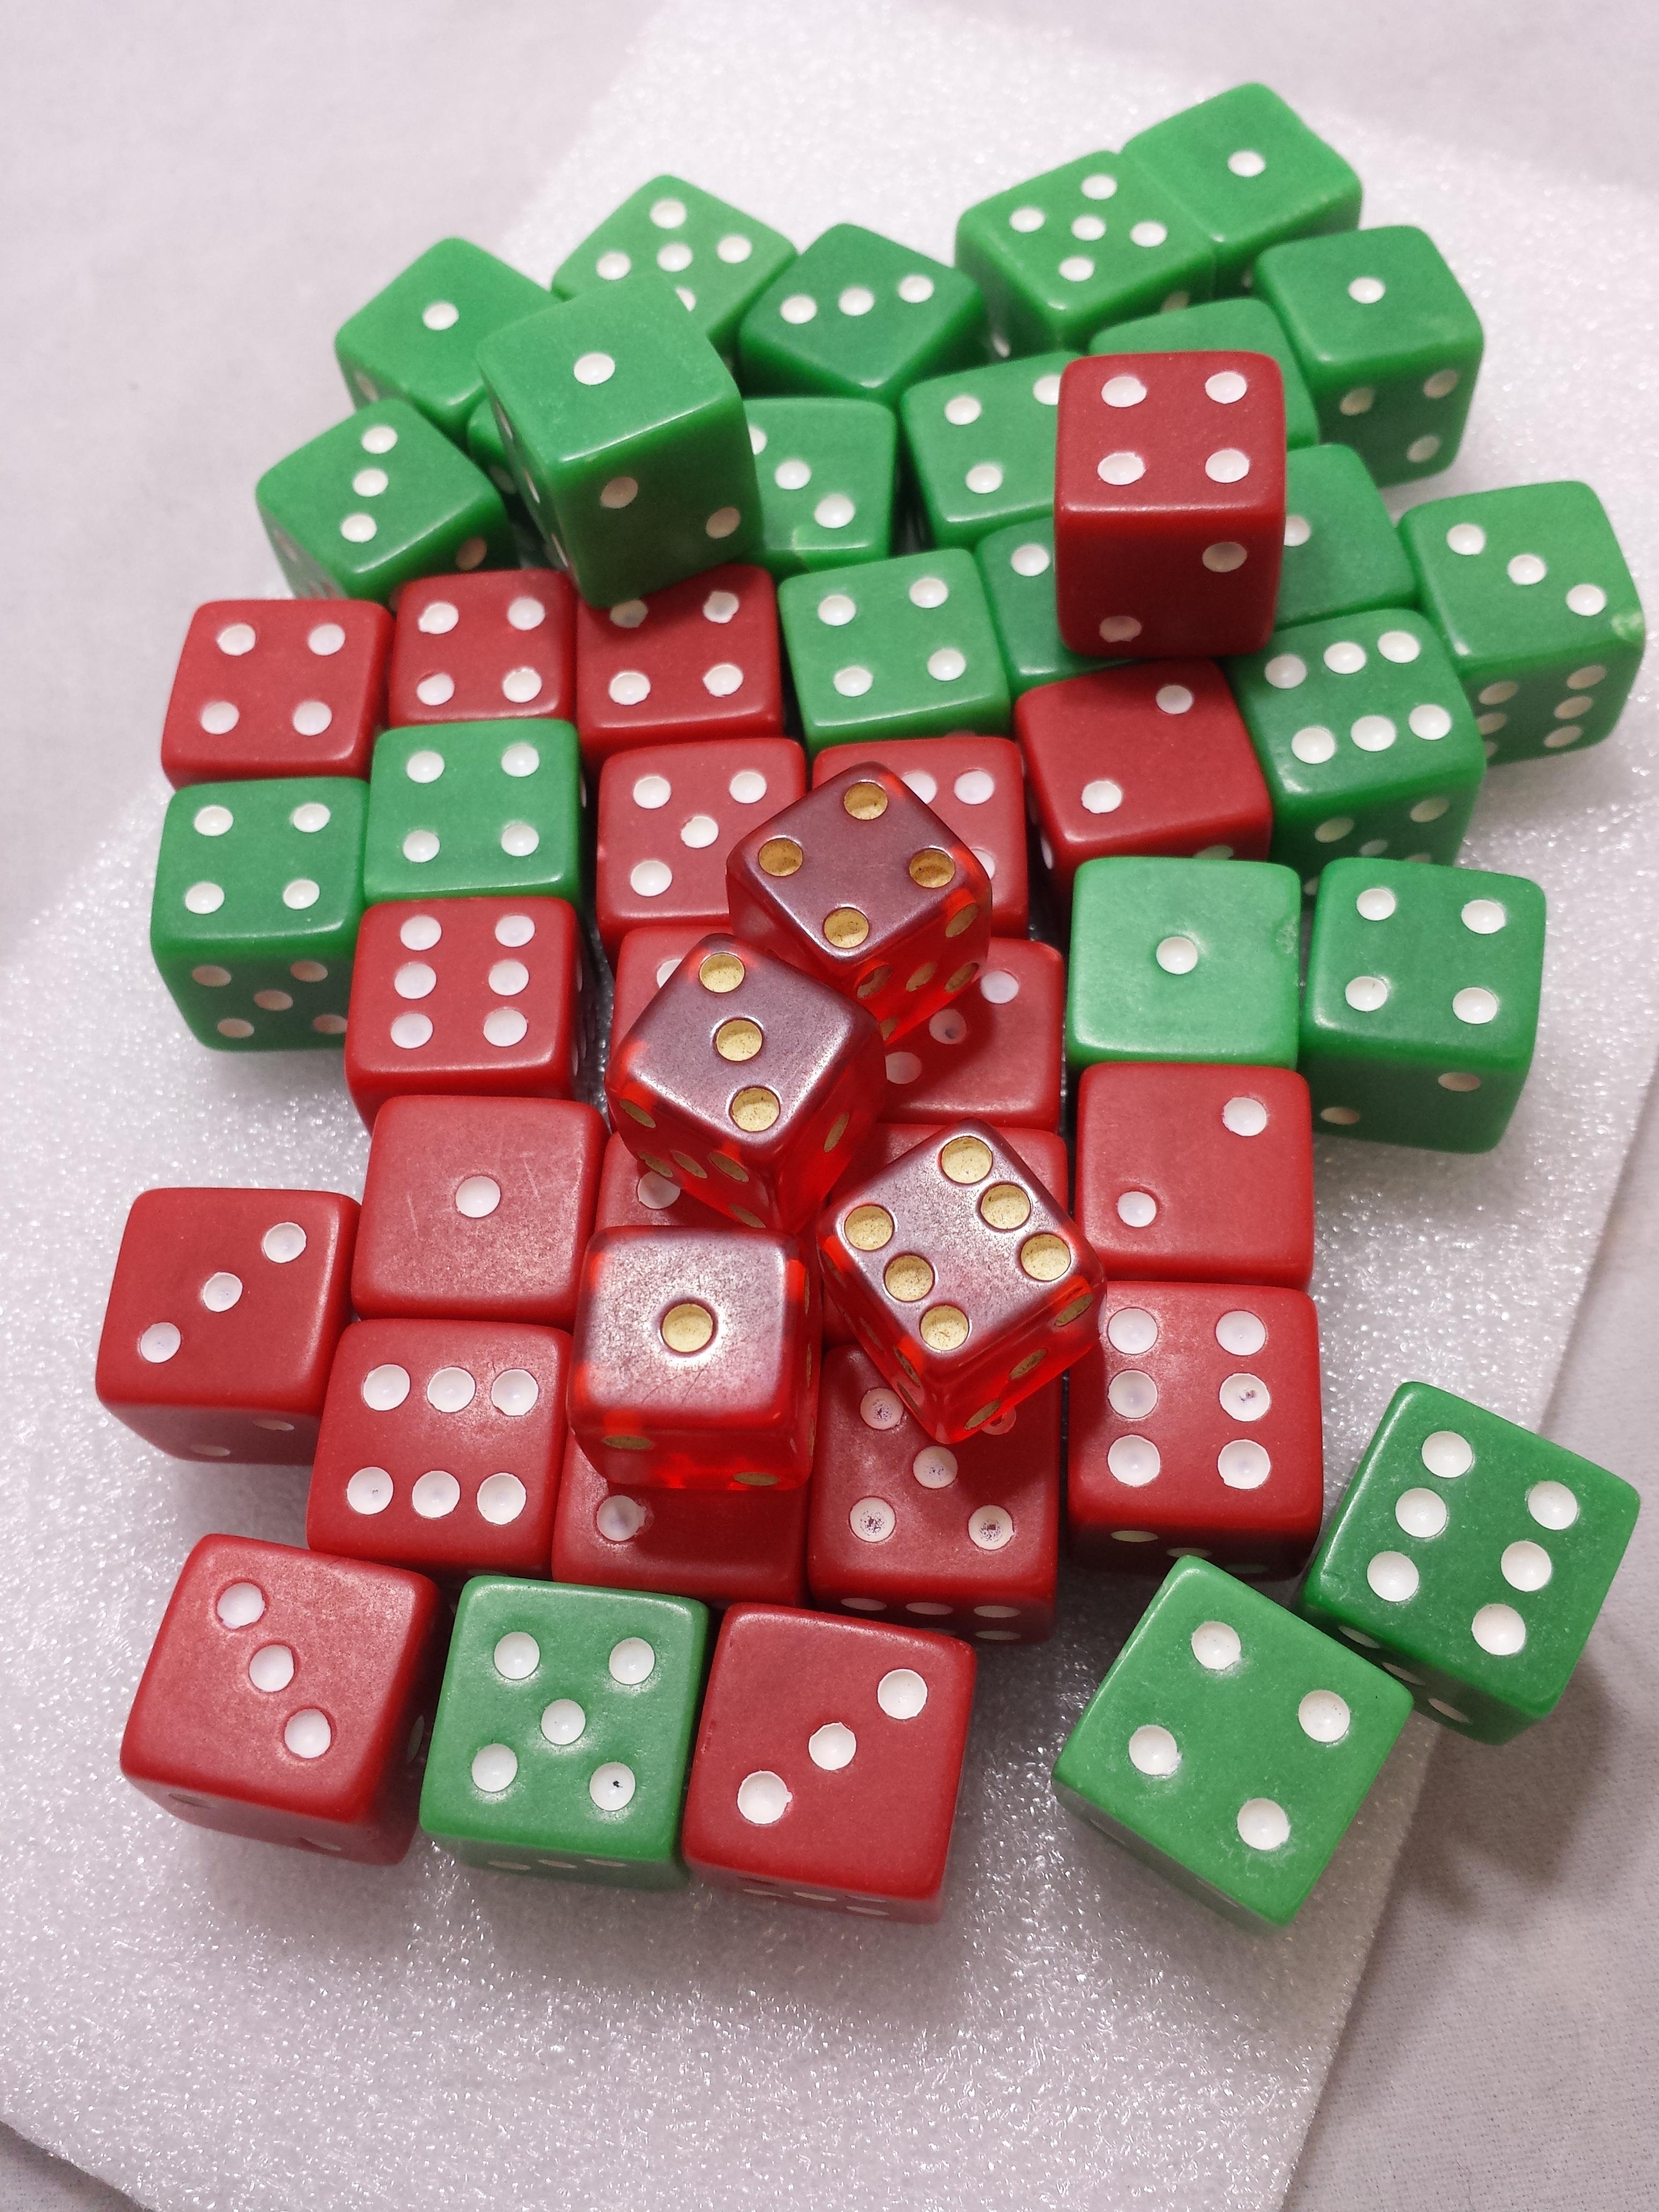 Азартные игры в кости скачать бесплатно азартные игры онлайн бесплатно без регистраций